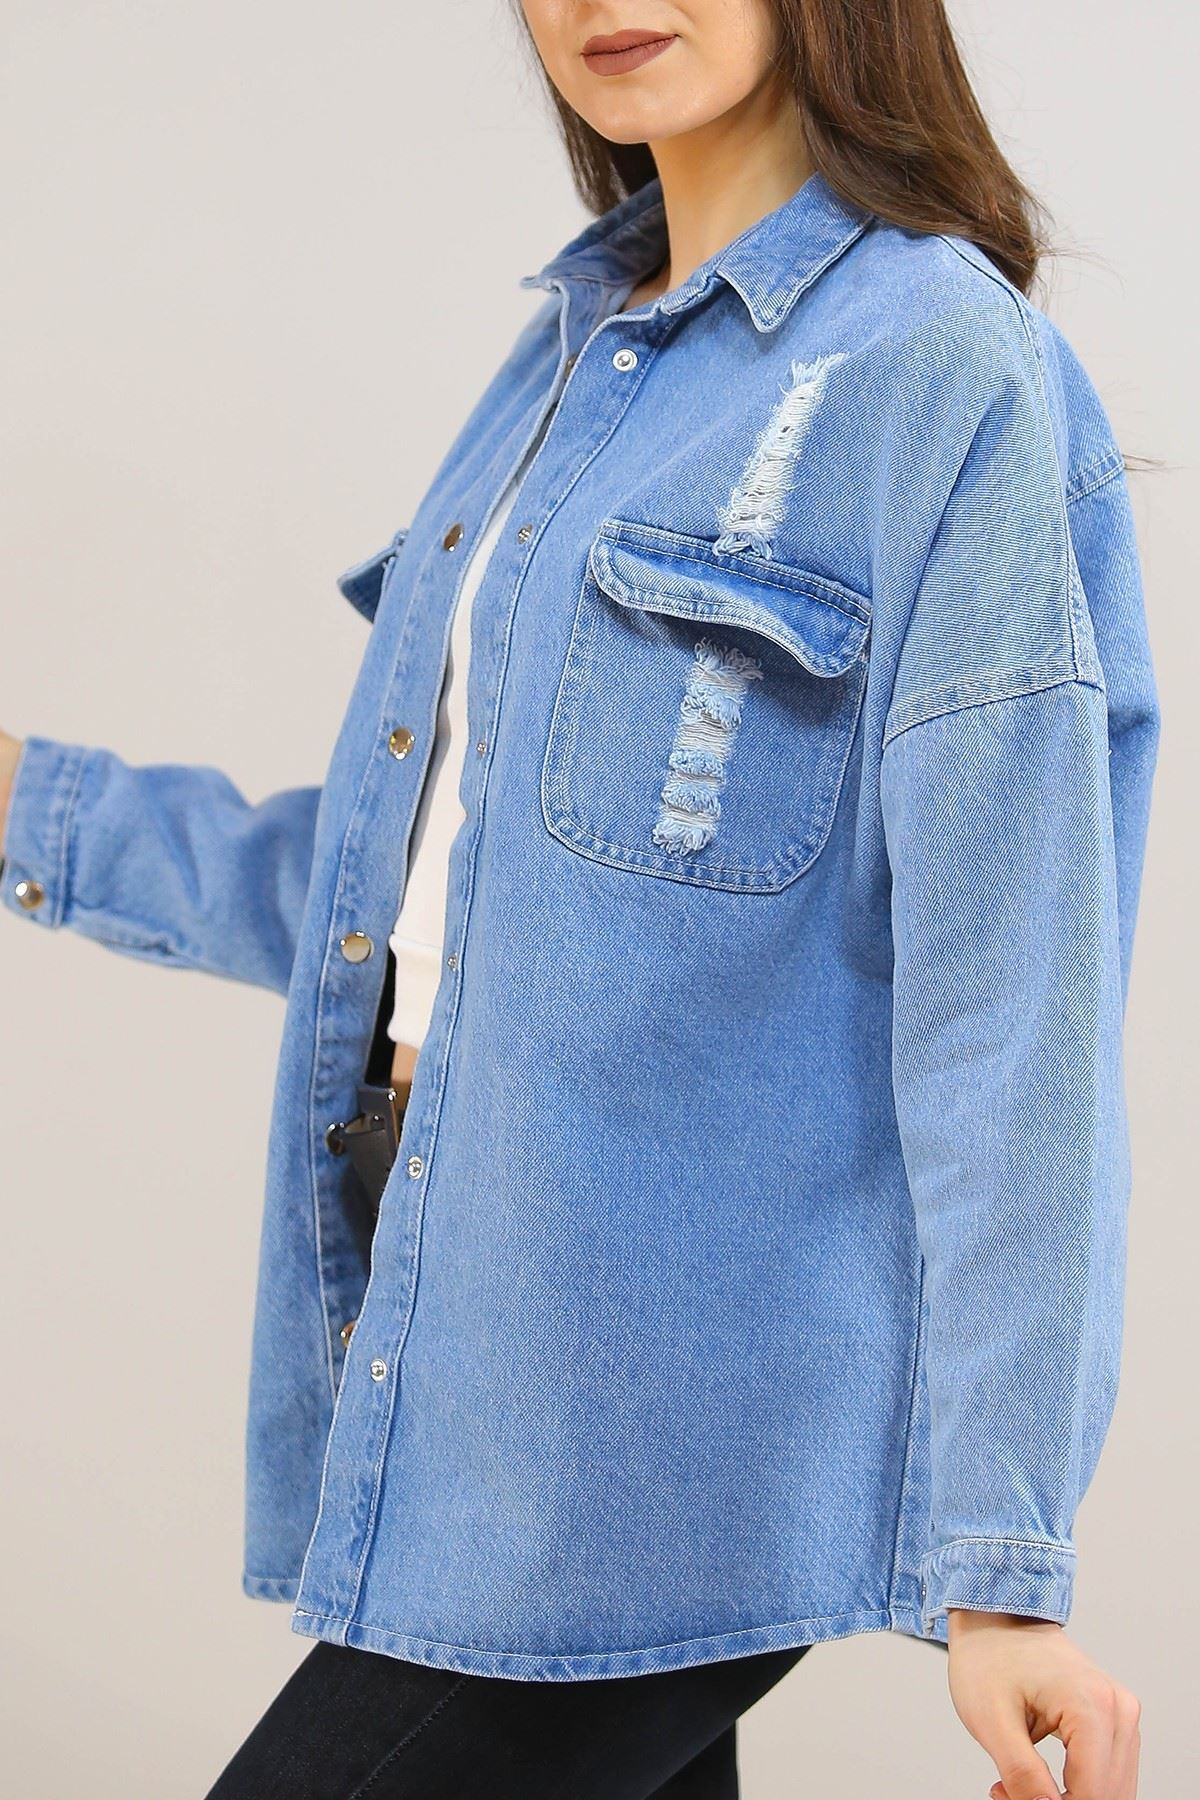 Tırnaklı Kot Ceket Mavi - 5231.240.